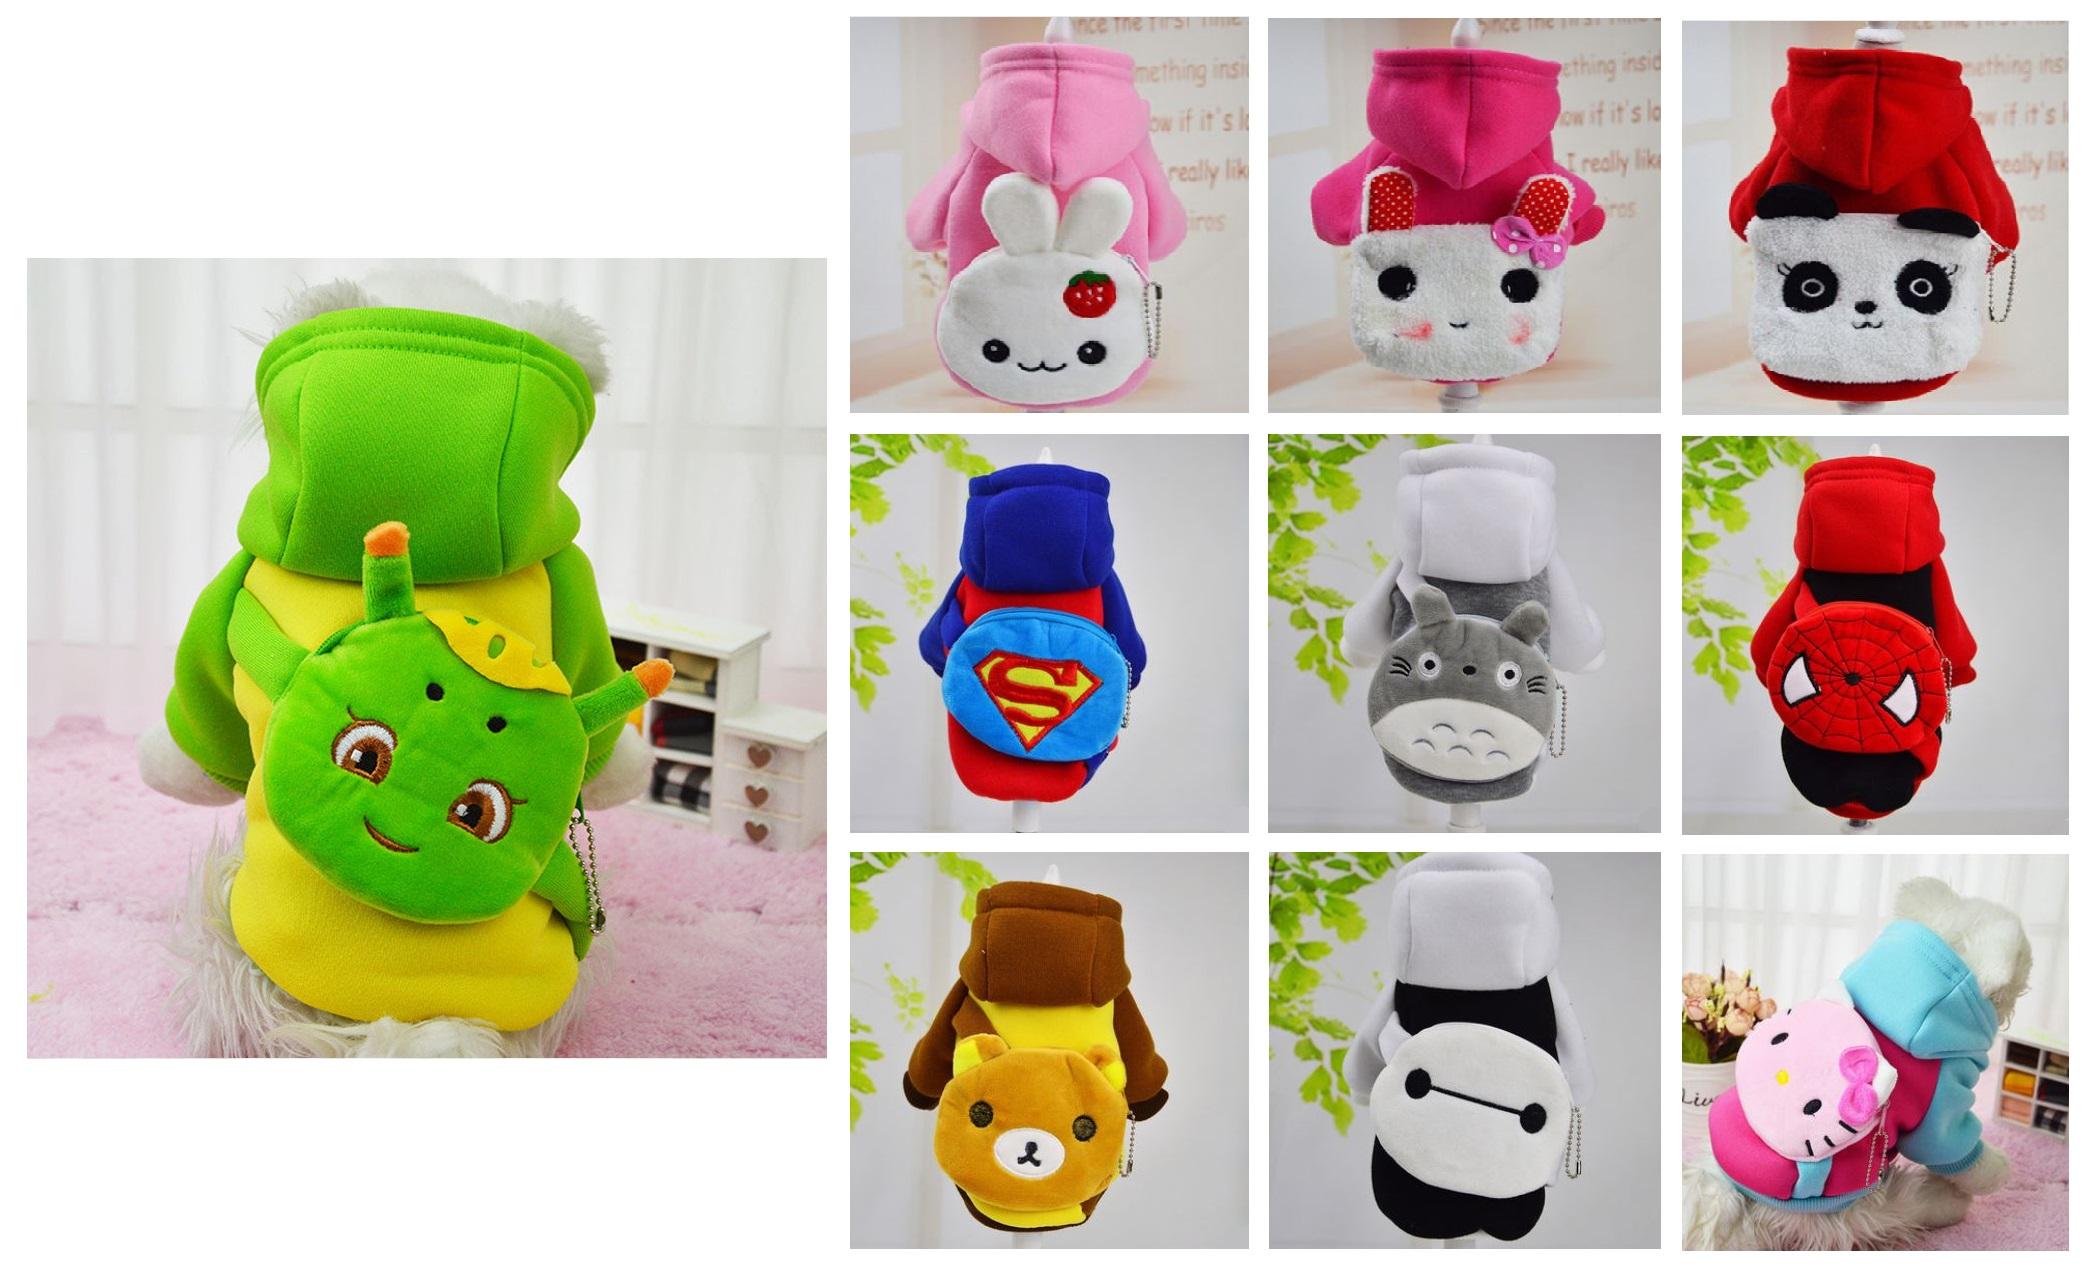 Obleček pro psy - Hello Kitty, Superman, Spiderman ... / dnk-13-00054